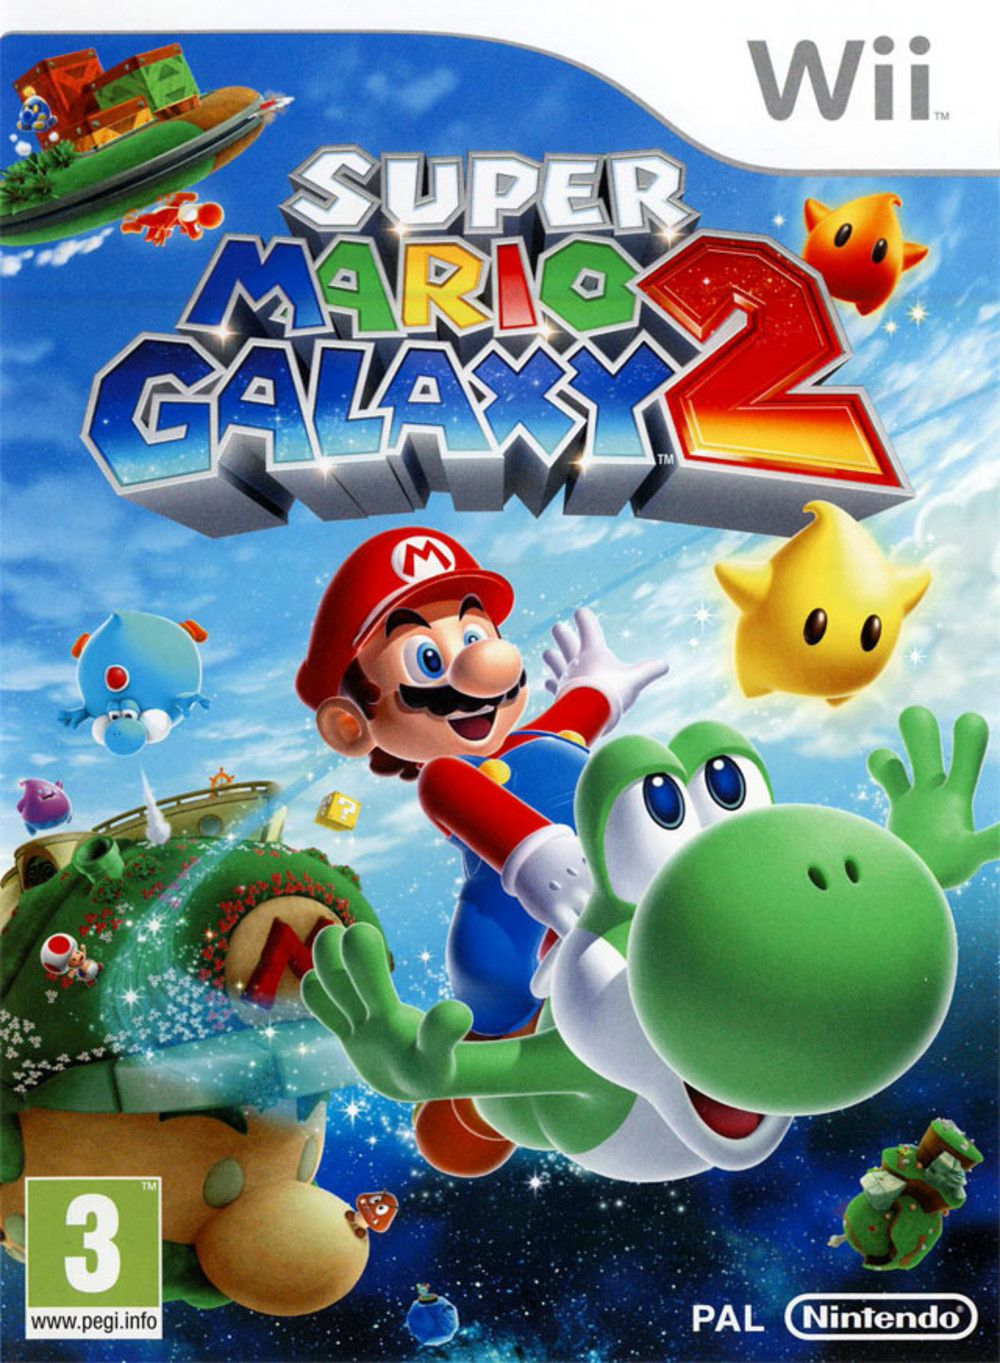 Super Mario Galaxy 2 (2010) - Jeu vidéo - SensCritique